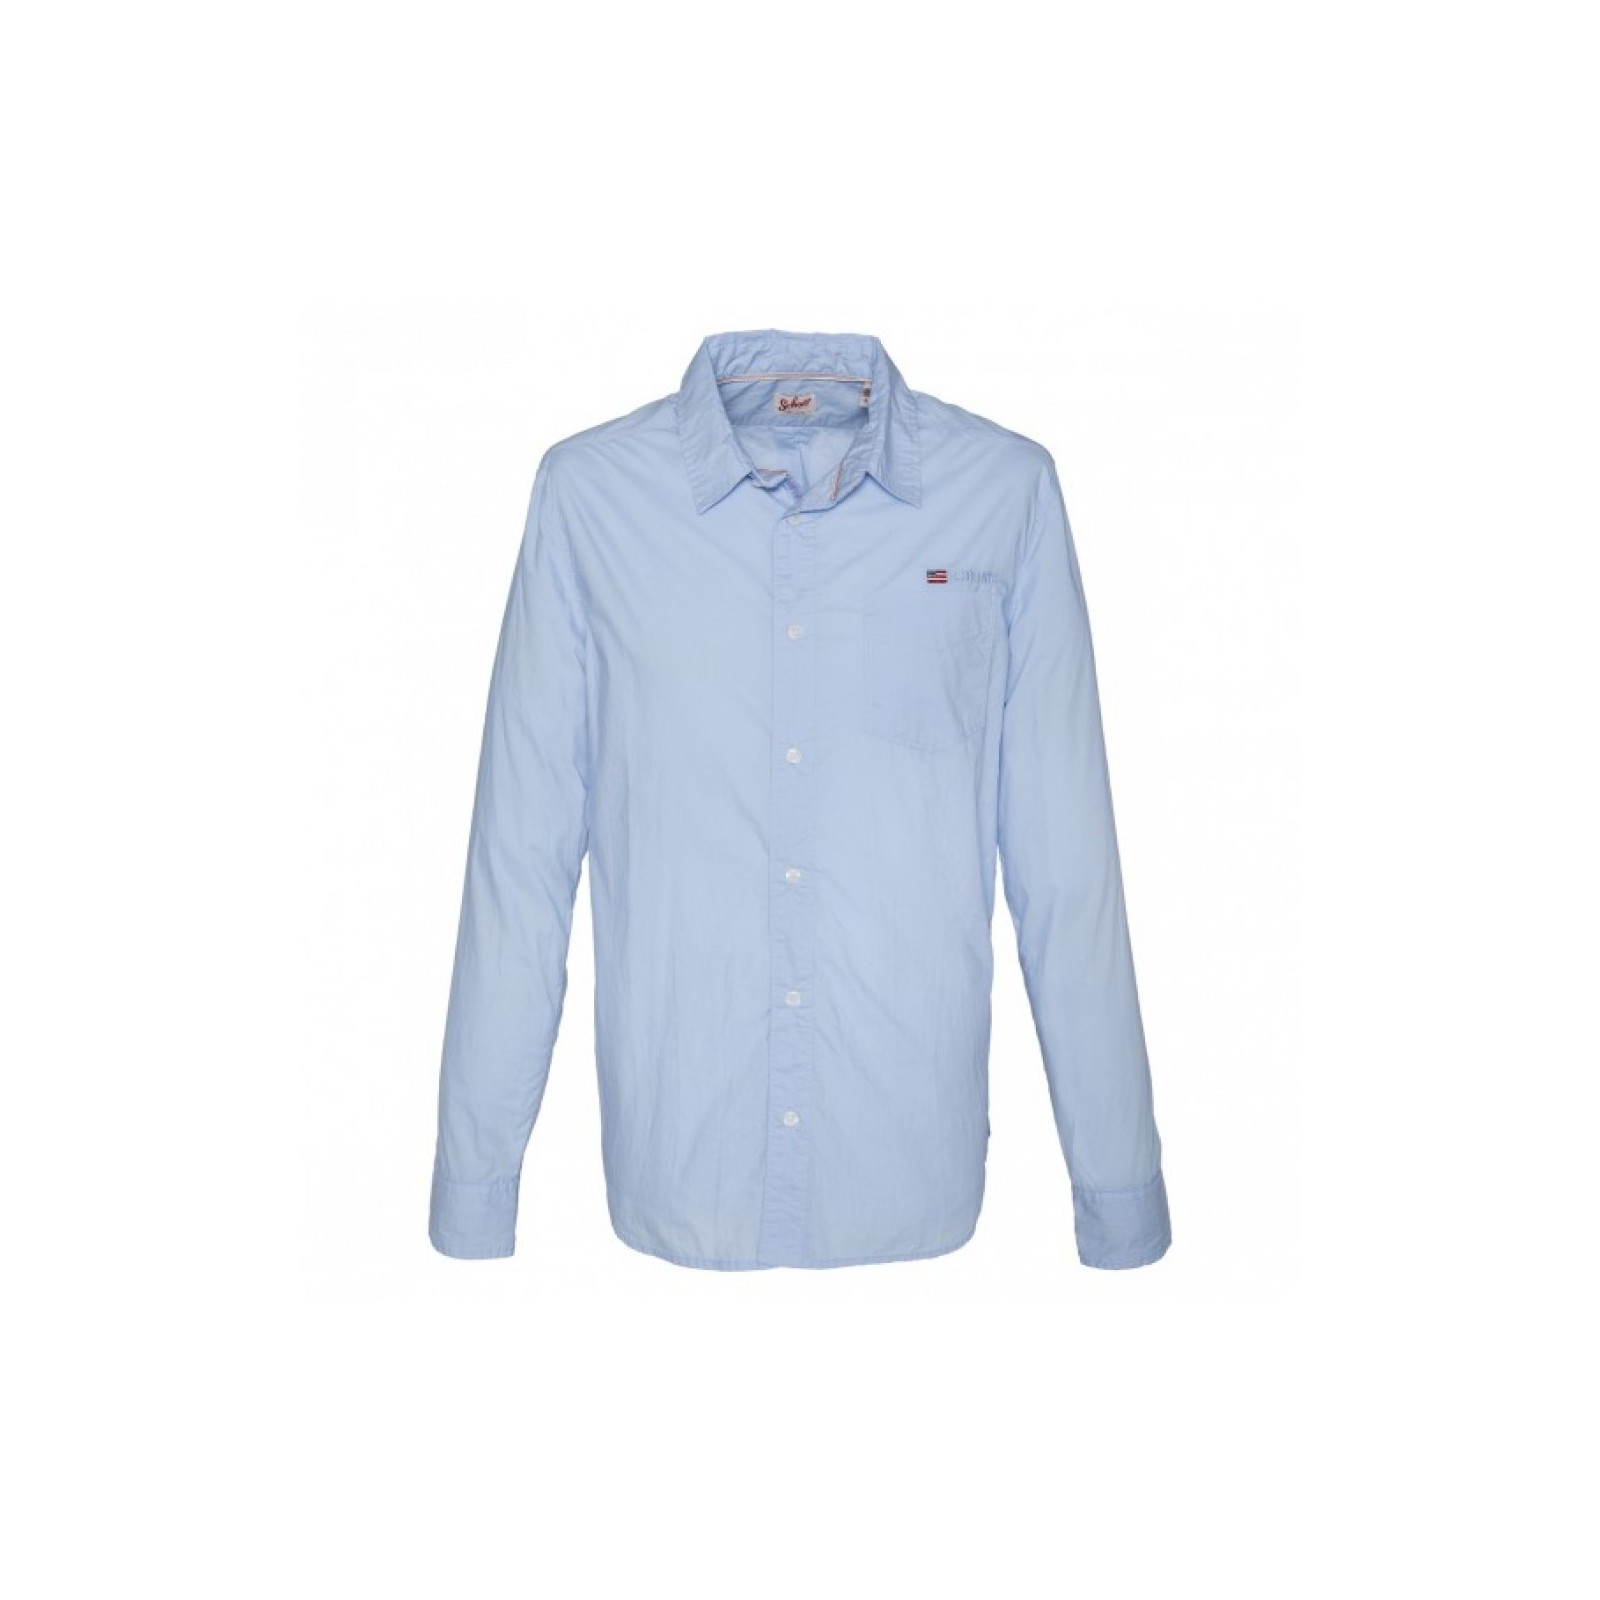 chemise manches longues homme schott shstamford bleu ciel habiz. Black Bedroom Furniture Sets. Home Design Ideas